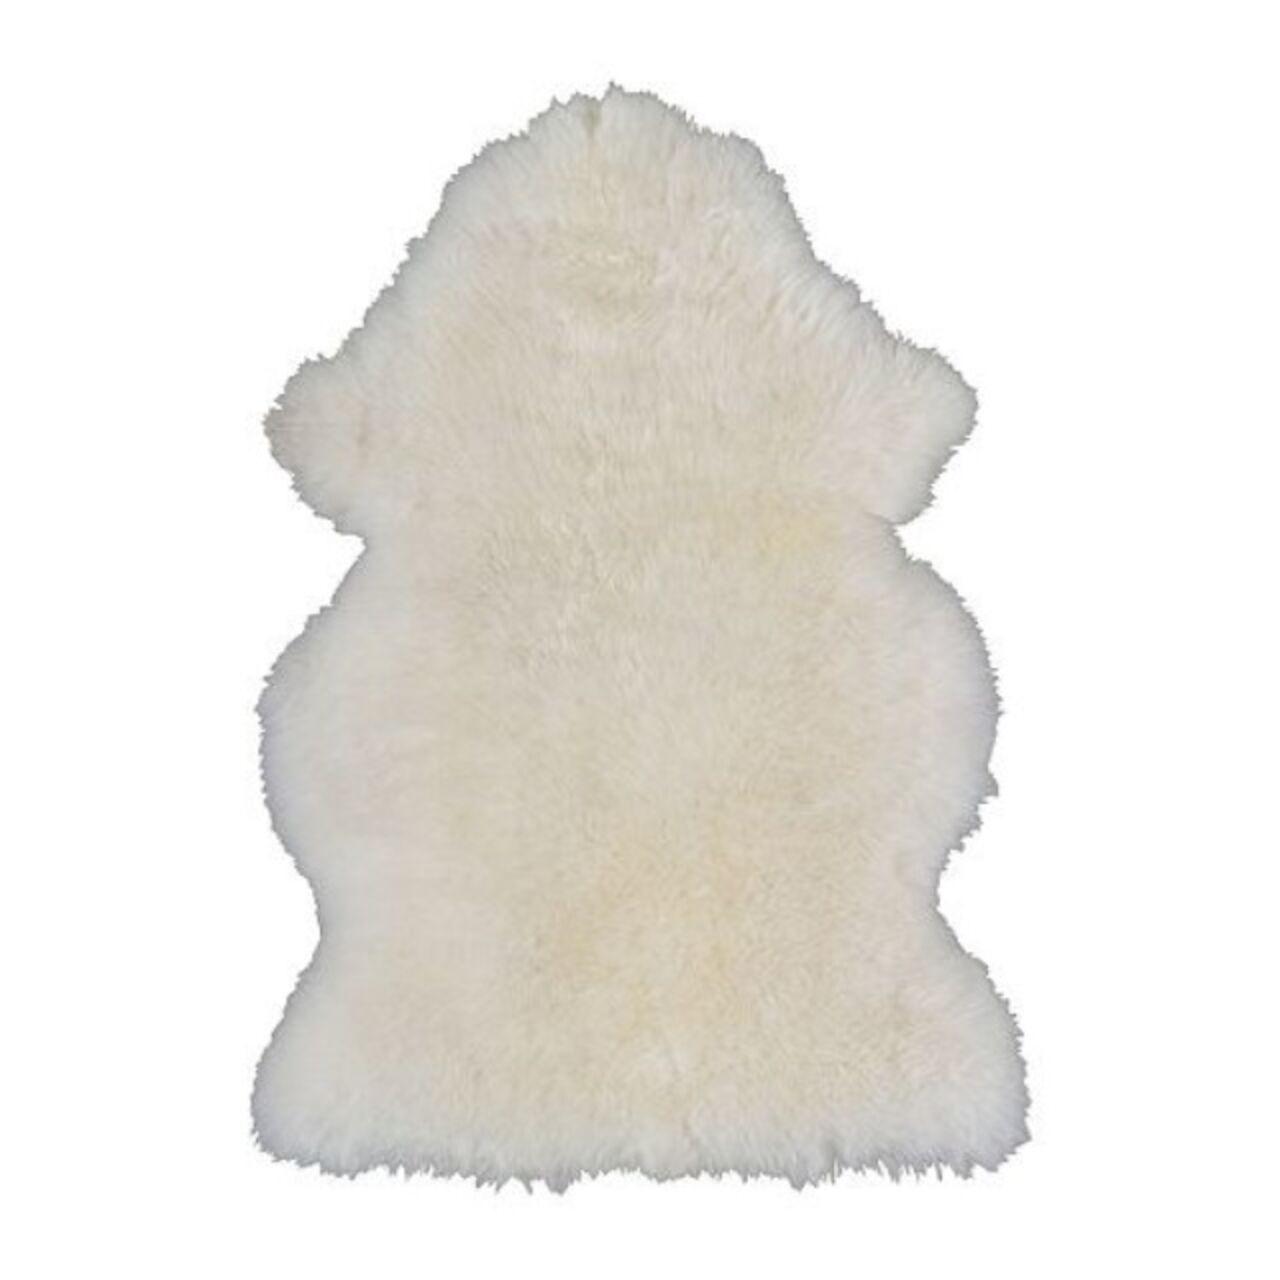 Неожиданно: персонажи «Игры престолов» носят вместо шуб ковры изIKEA